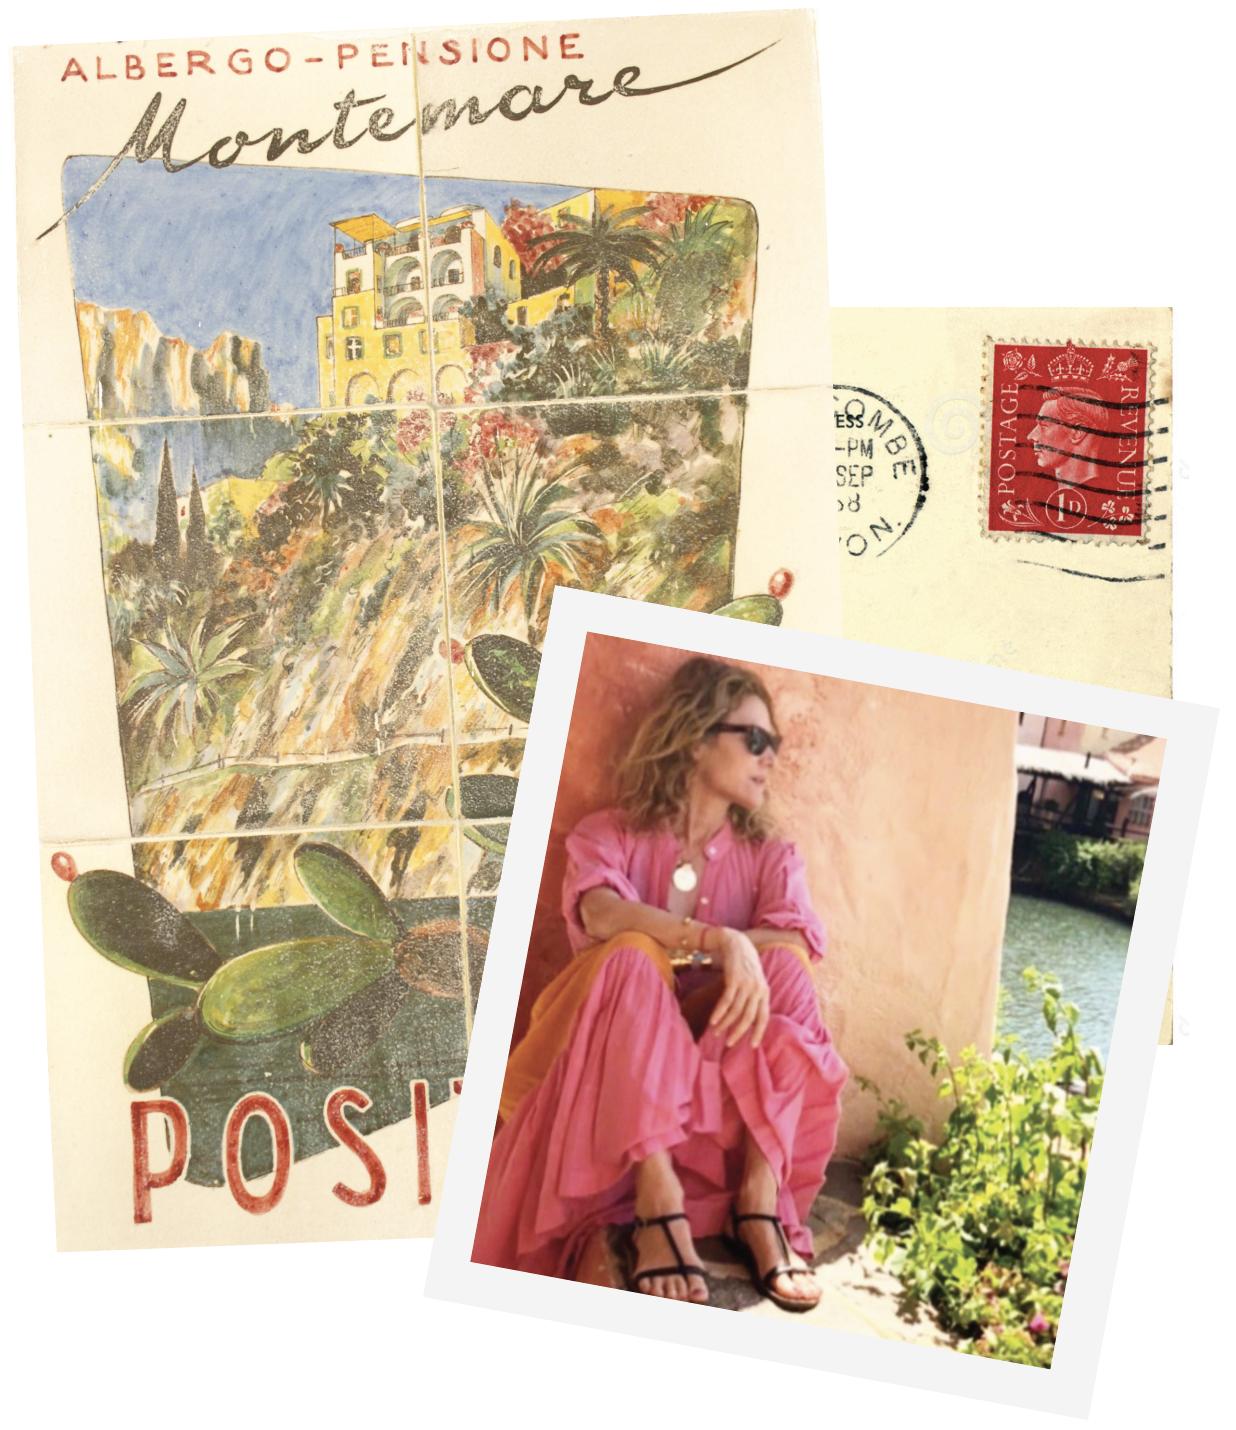 Postcard From Aurélie Bidermann